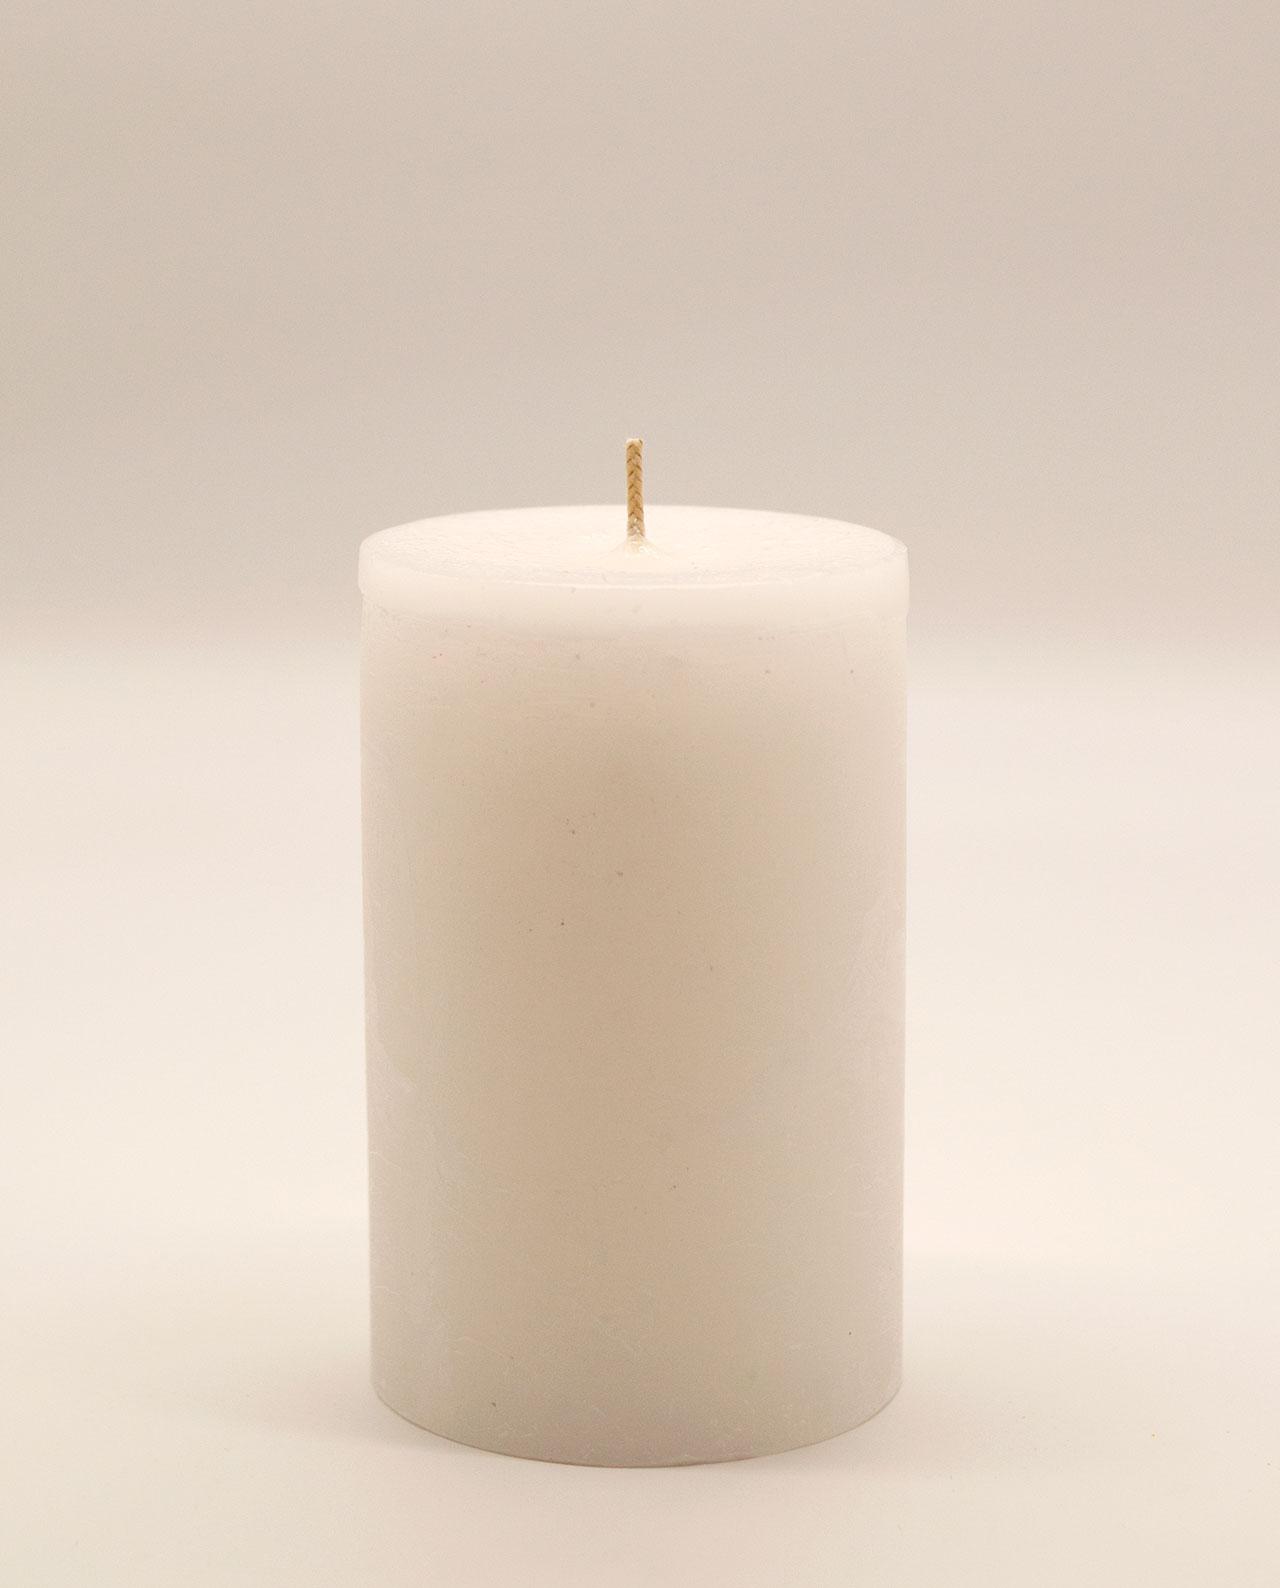 Κερί άσπρο αρωματικό ρουστικ διαμέτρου 10 cm, υψους 15 cm